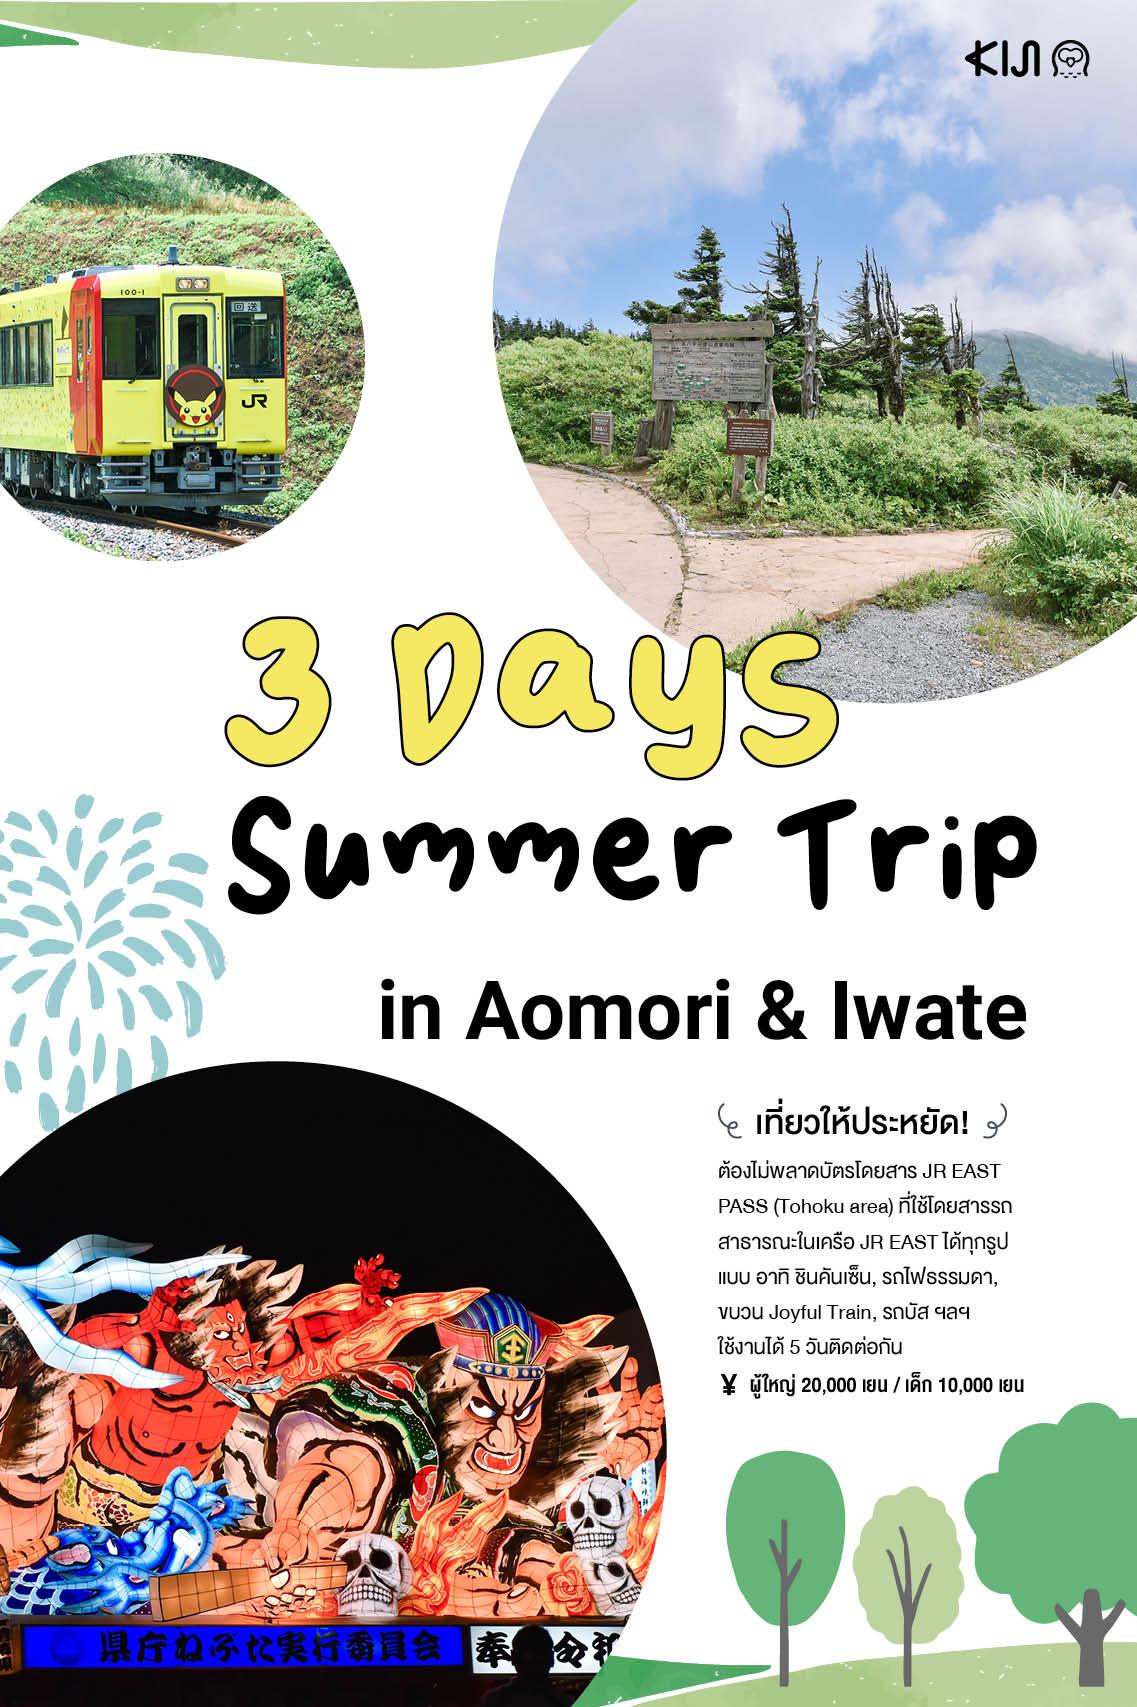 เที่ยวให้คุ้ม ฤดูร้อน อาโอโมริ อิวาเตะ ด้วยบัตรโดยสาร JR EAST PASS (Tohoku area)